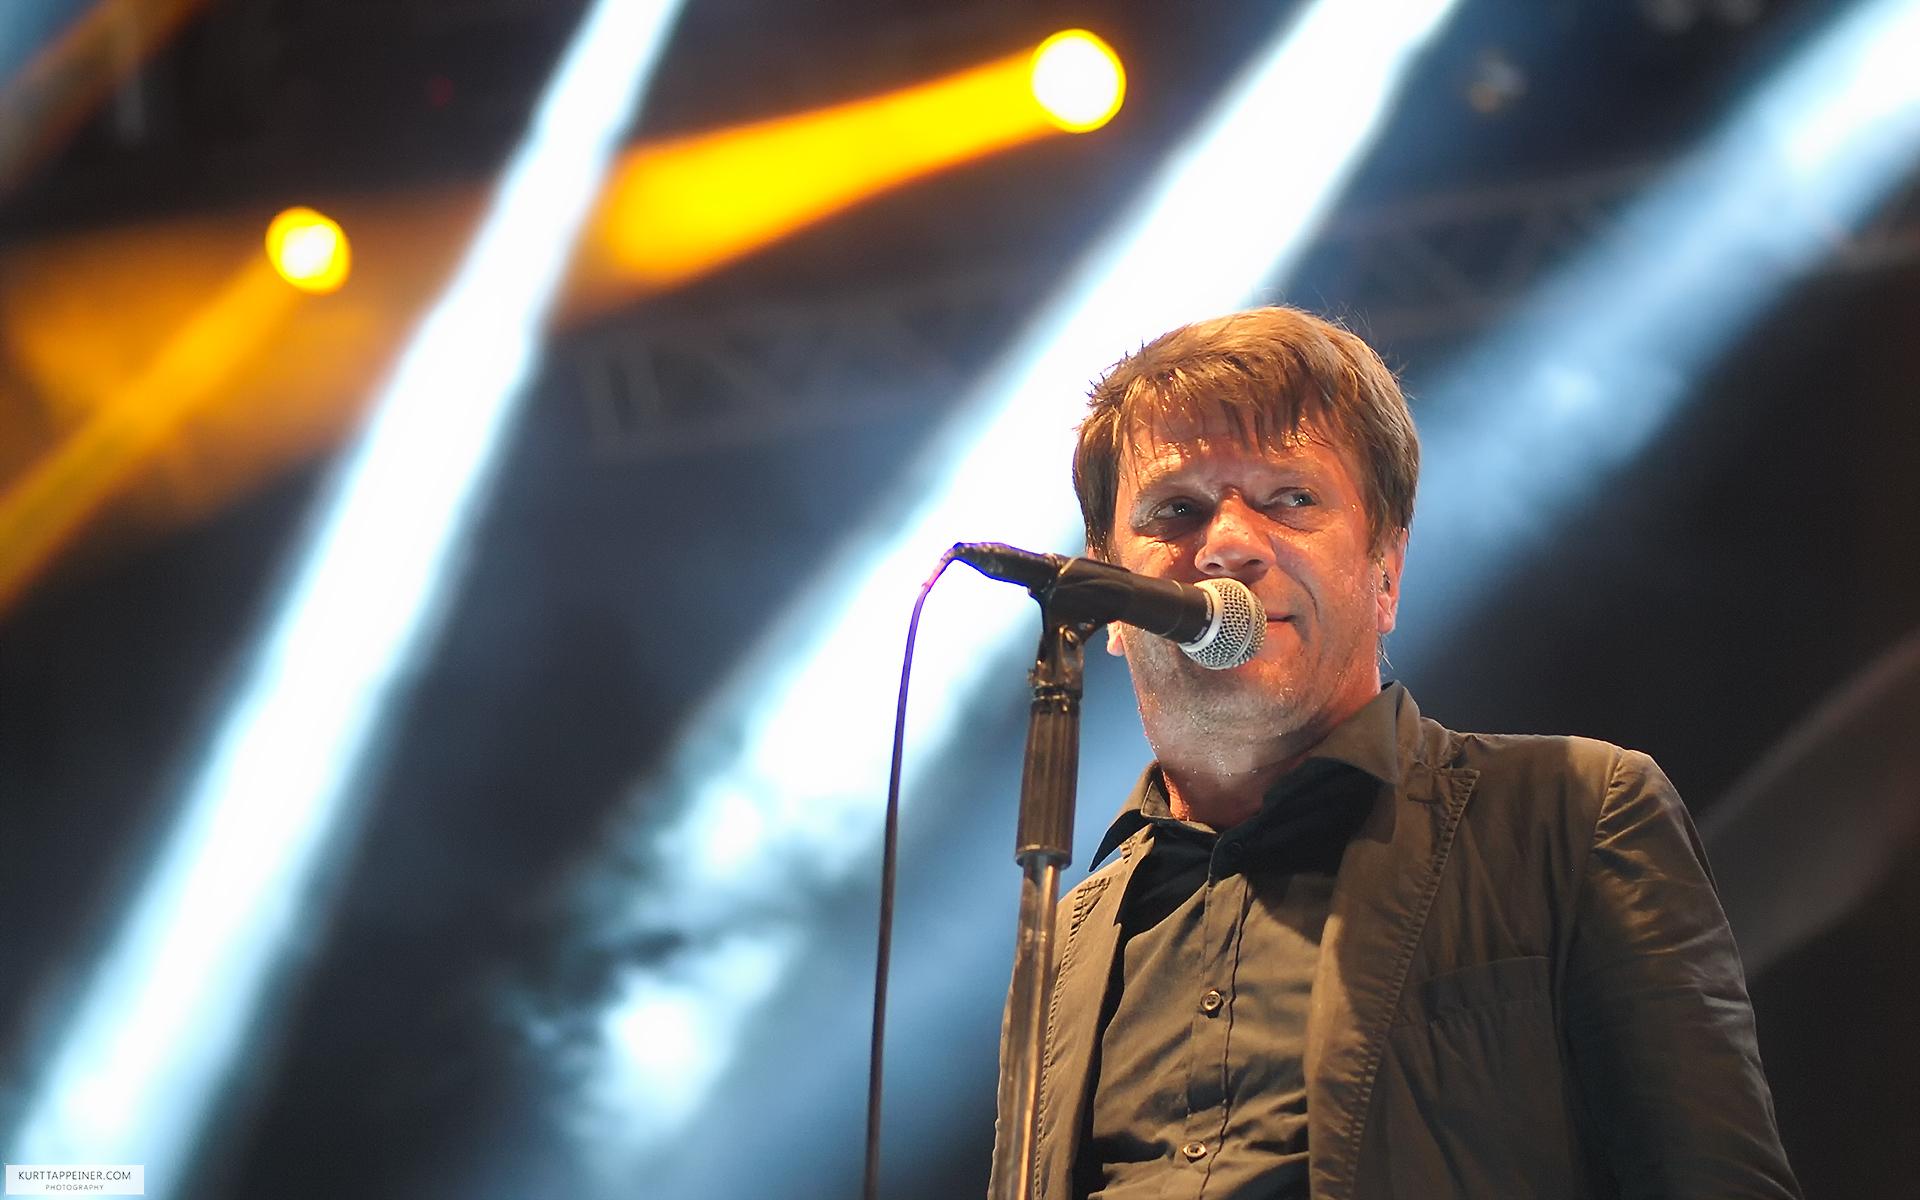 Pierpaolo Capovilla - Musician